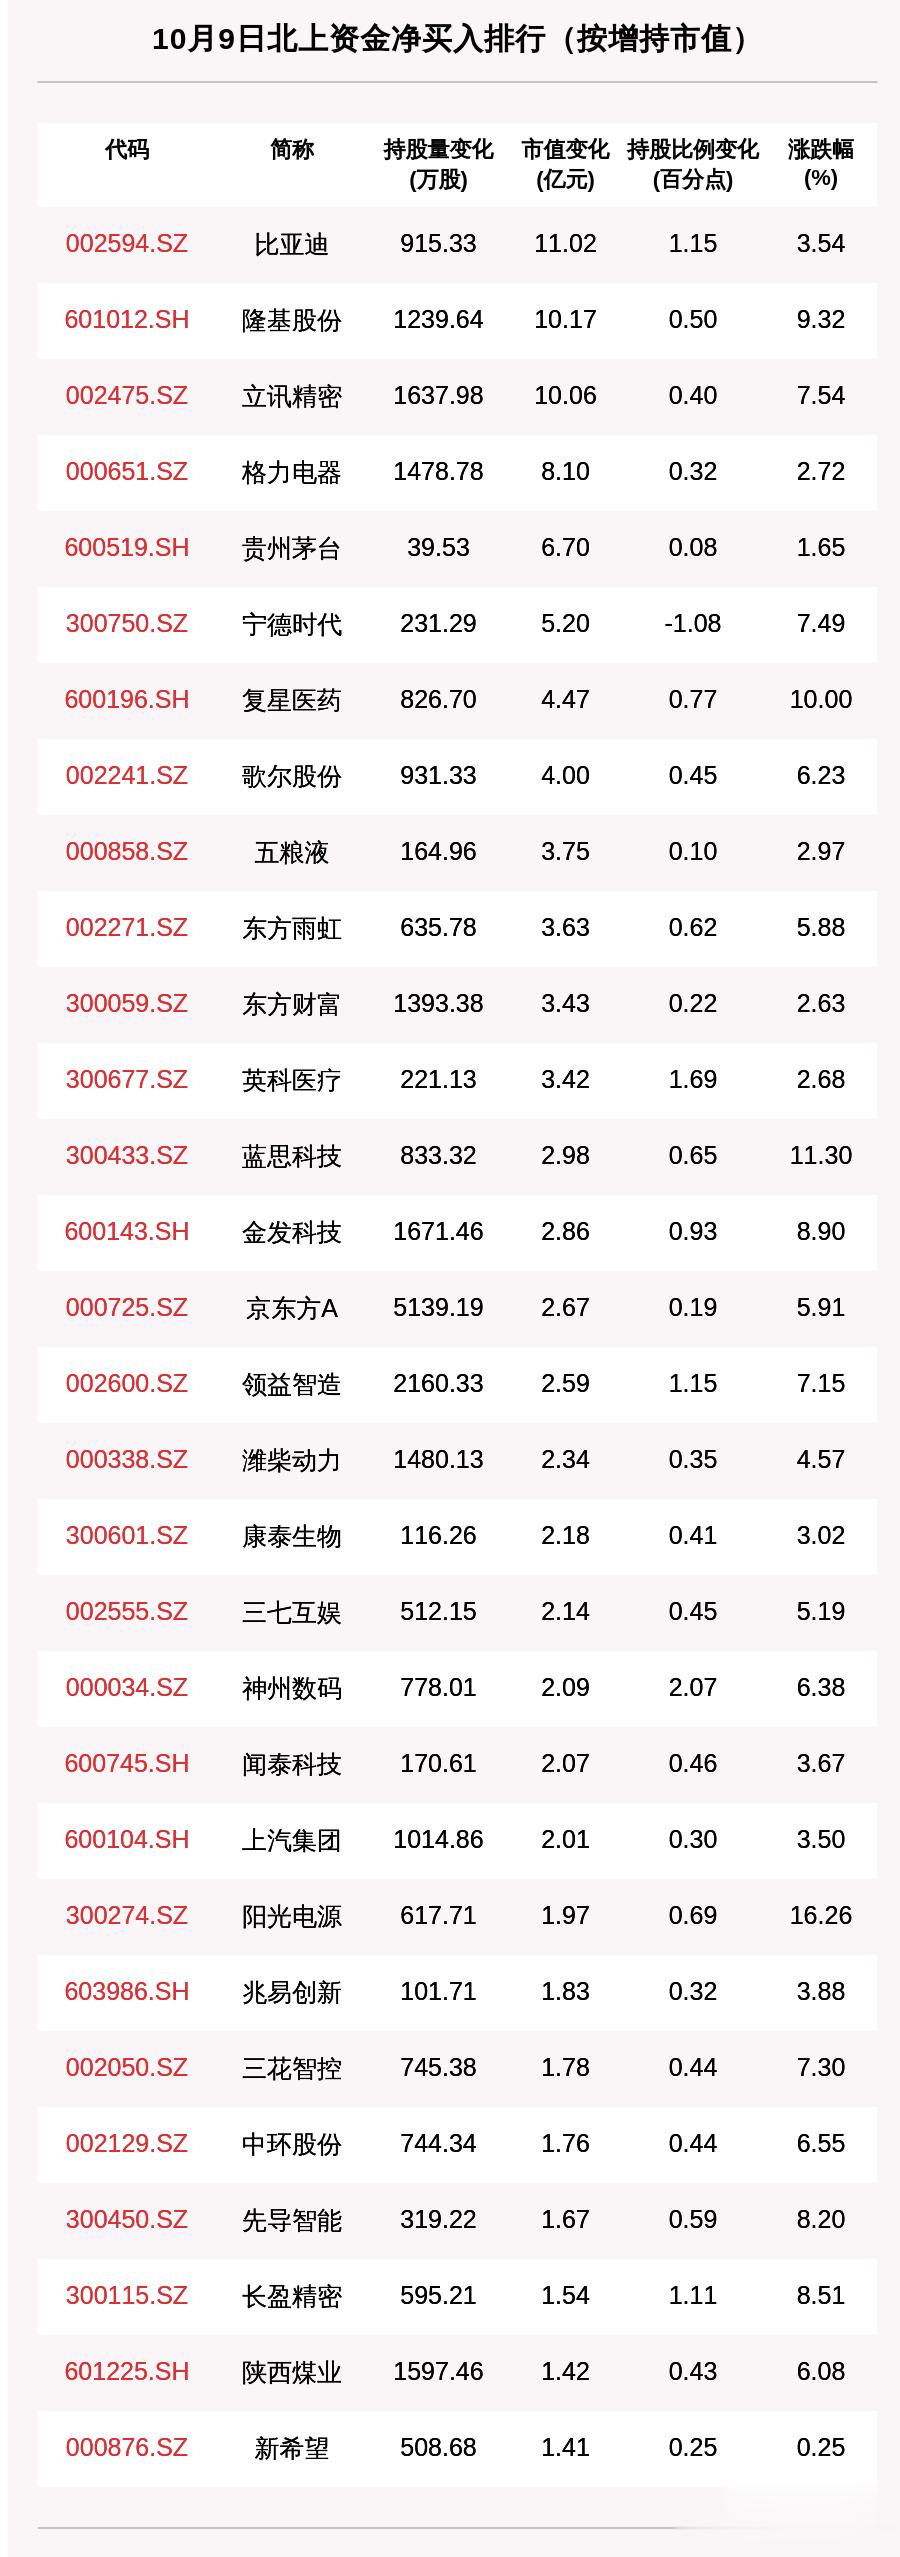 北向資金動向曝光: 10月9日這30隻個股被猛烈掃貨(附名單)-圖2